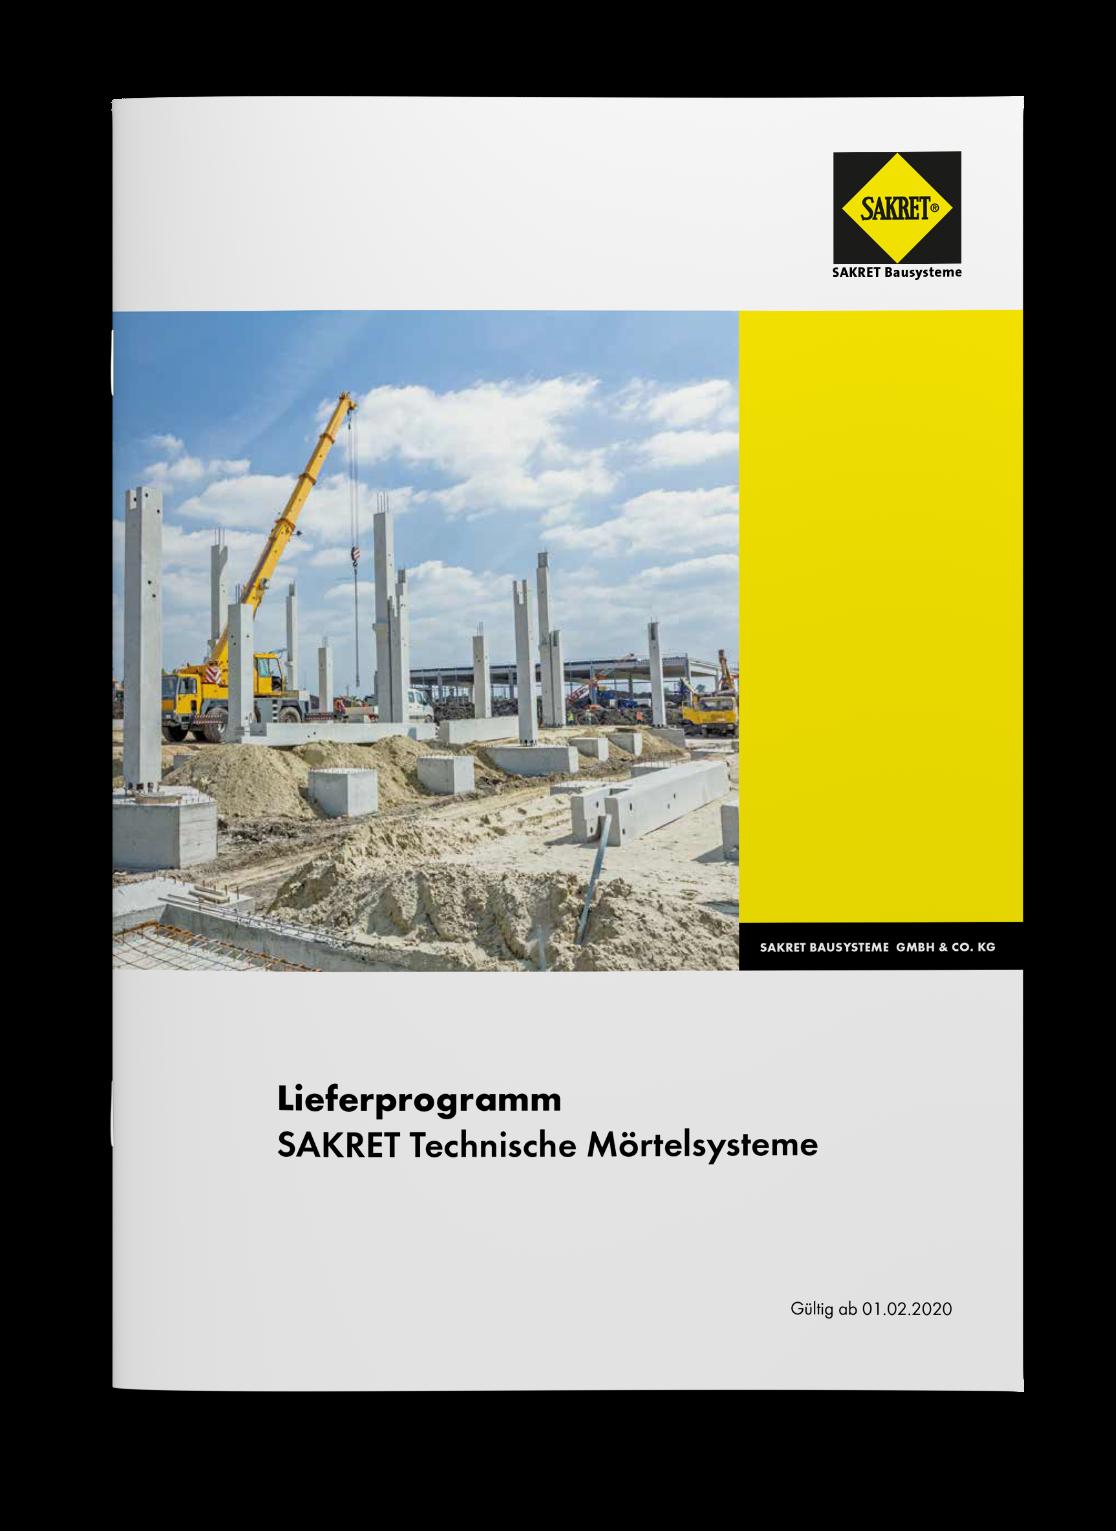 SAKRET Bausysteme Technische Mörtel Lieferprogramm 2020